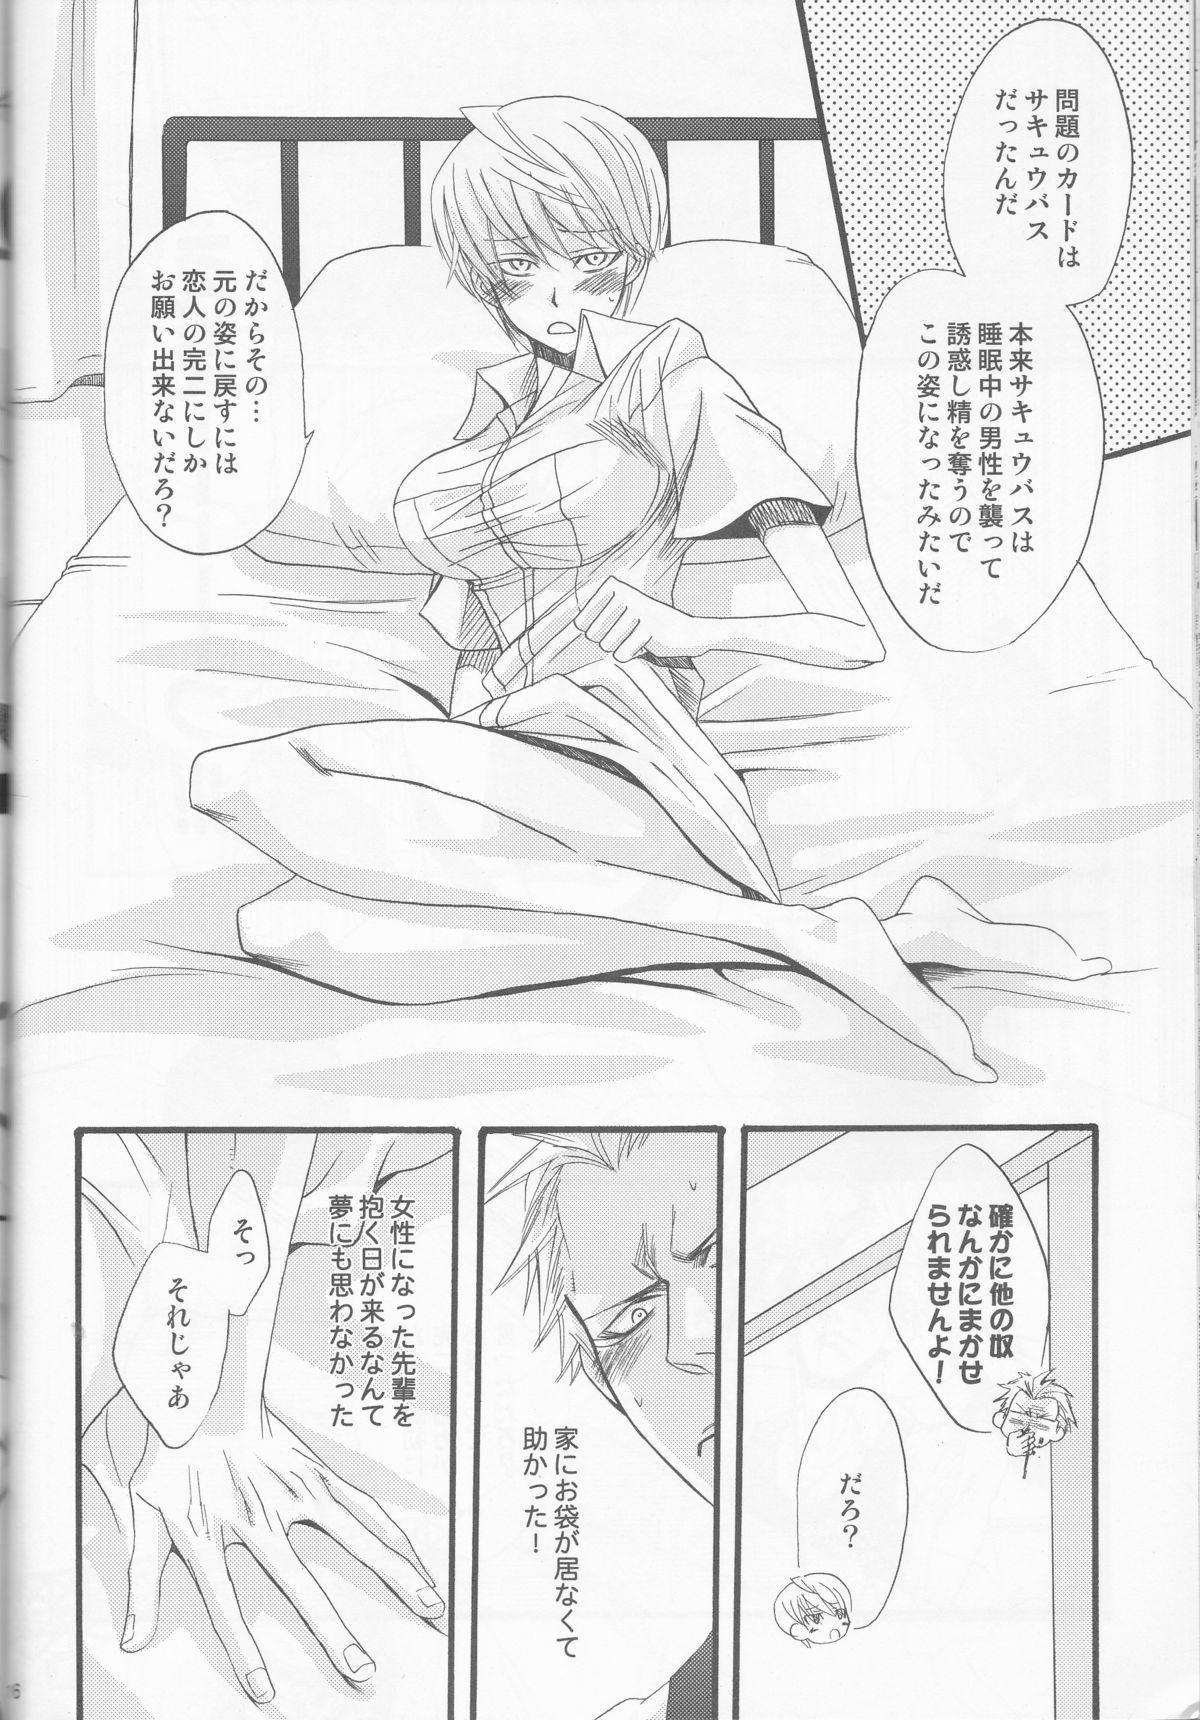 Ichinan Satte mata Ichinan 15